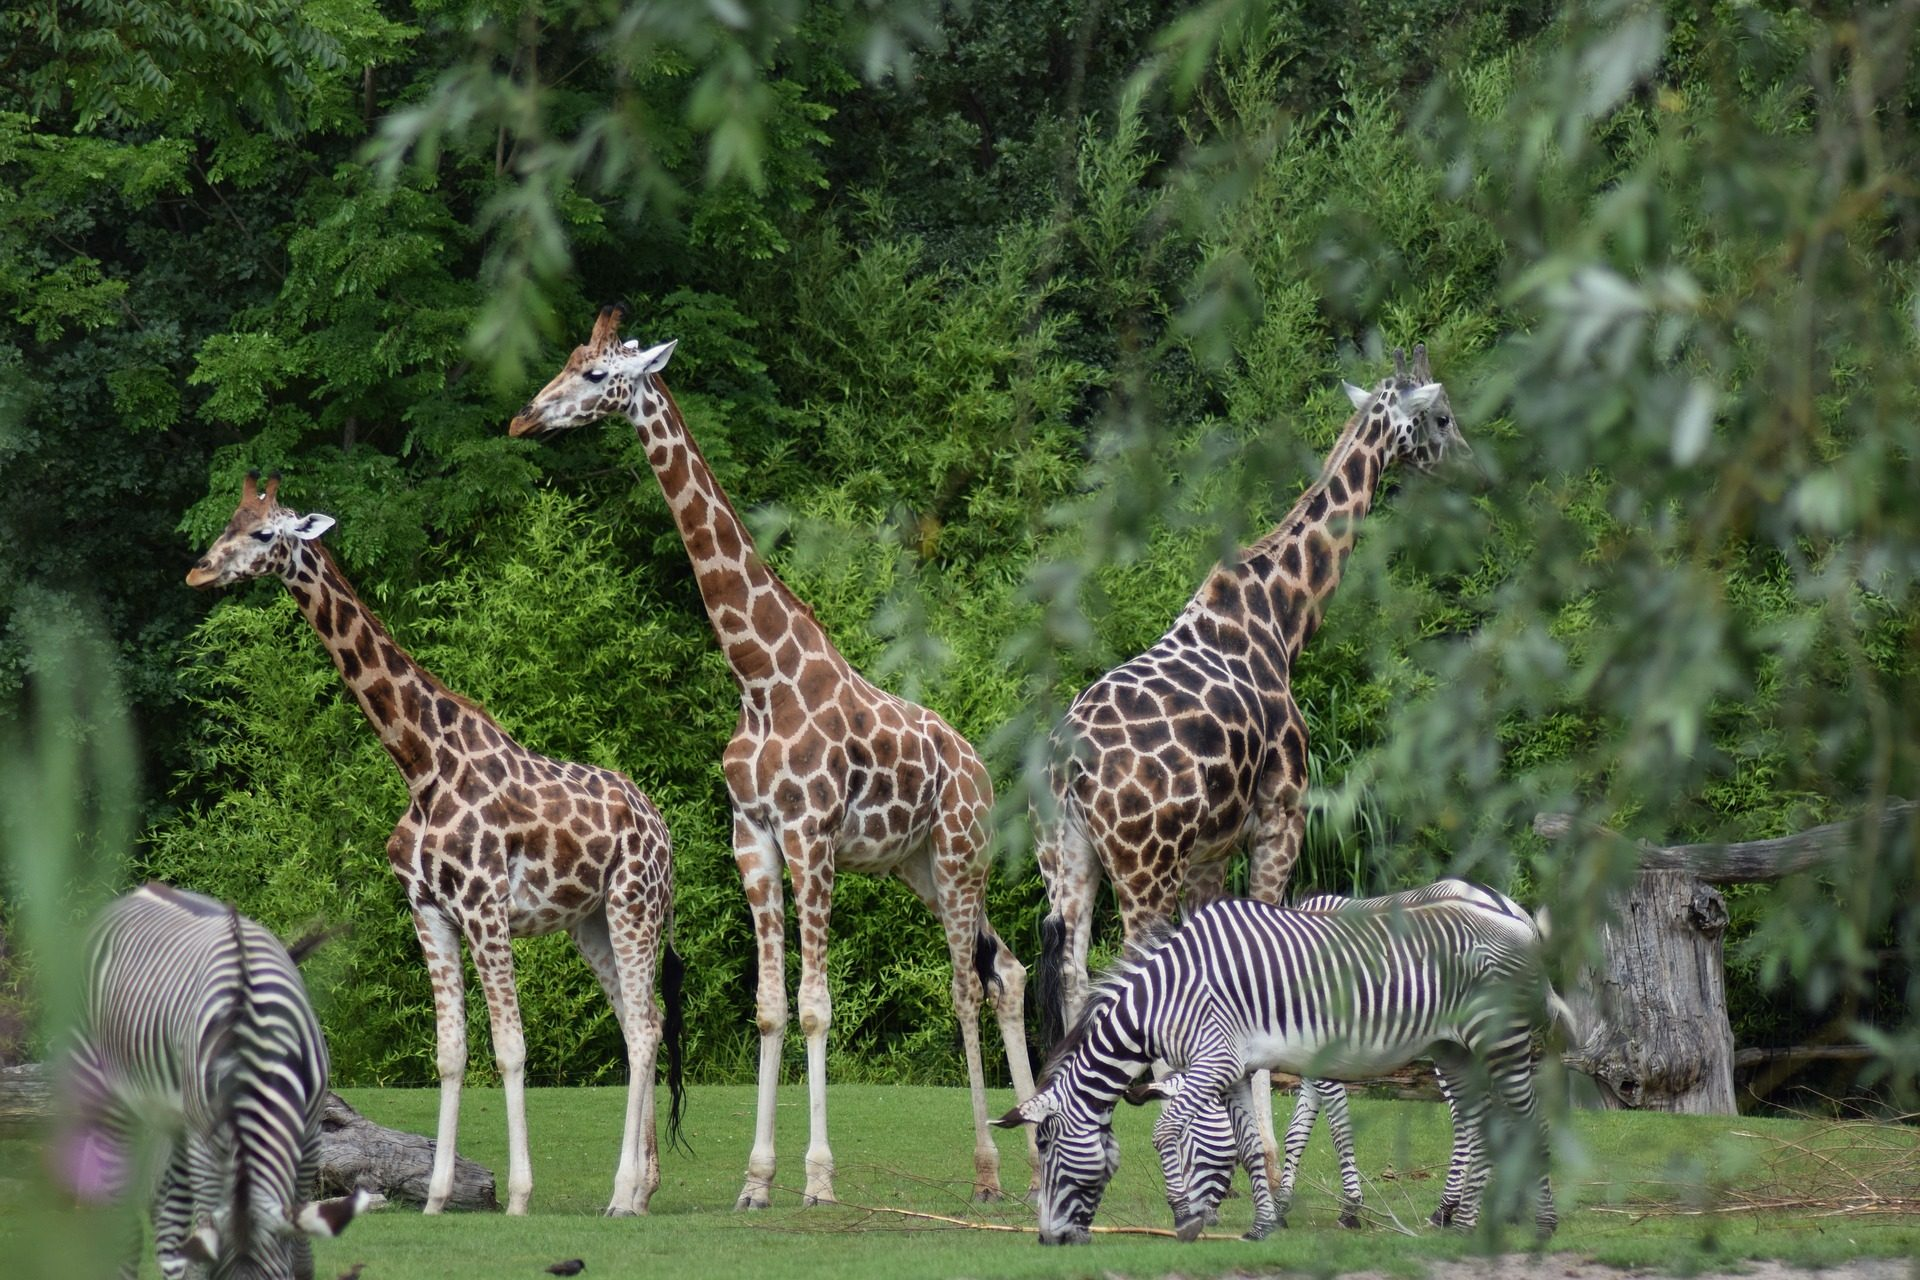 girafas, zebras, jardim zoológico, Reserva, árvores - Papéis de parede HD - Professor-falken.com